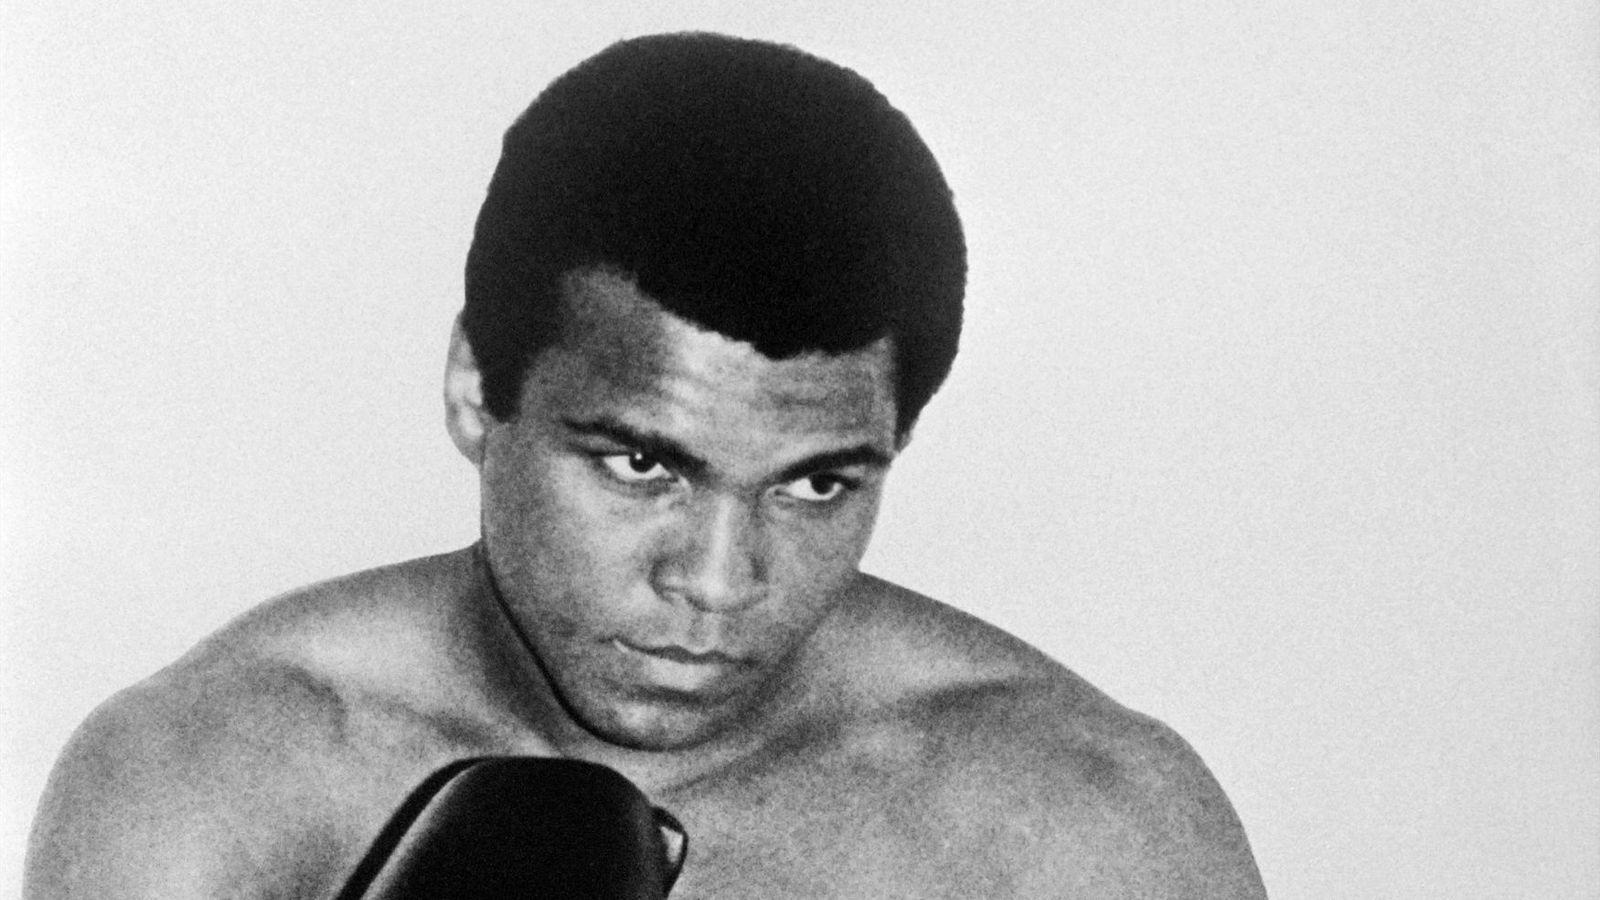 «Mohamed ALI ou Cassius CLAY (1942-2016), un boxeur pour des causes justes», par M. Amadou Bal BA, http://baamadou.over-blog.fr/